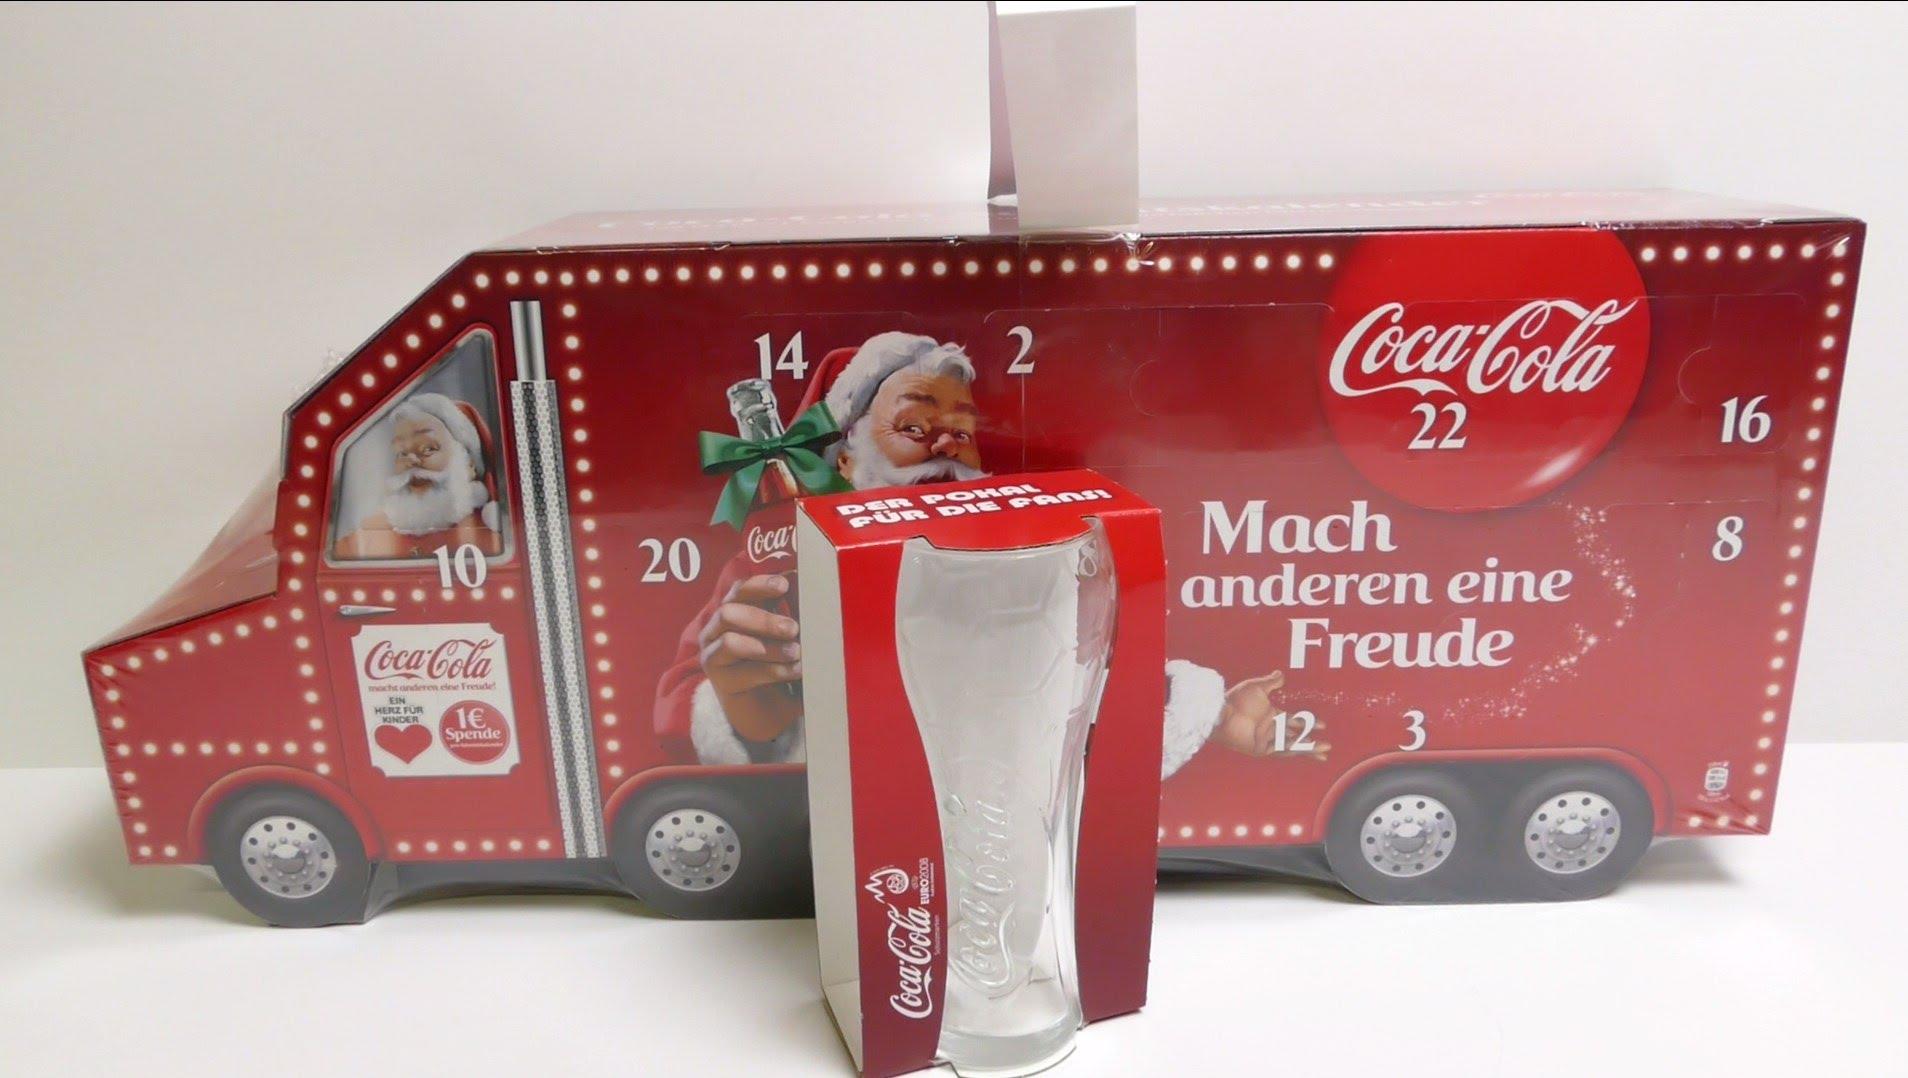 Découvrez l'excellent calendrier de l'avent Coca-Cola en Allemagne